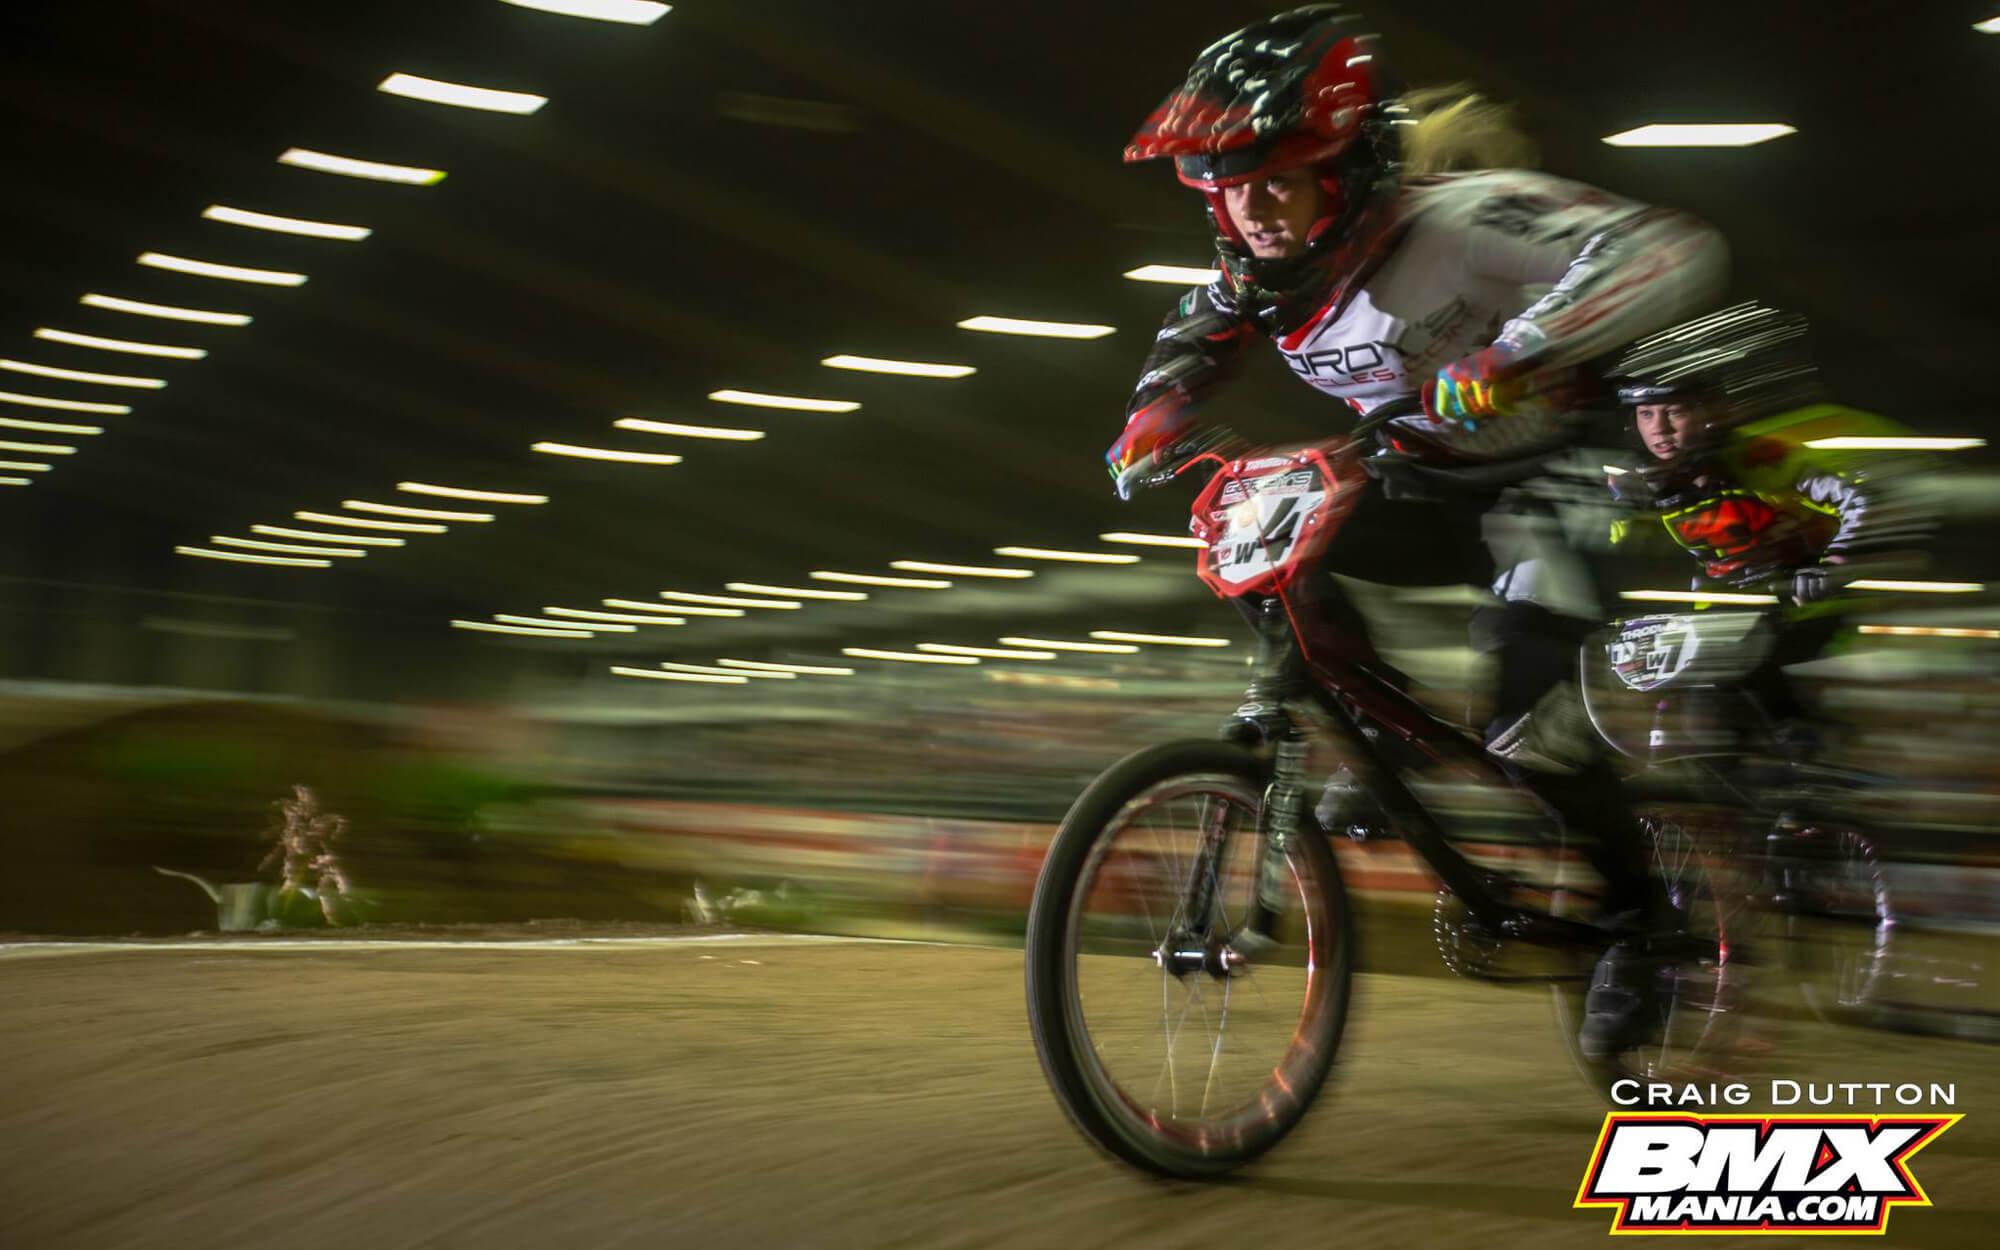 Lexis Colby - Craig Dutton / BMX Mania